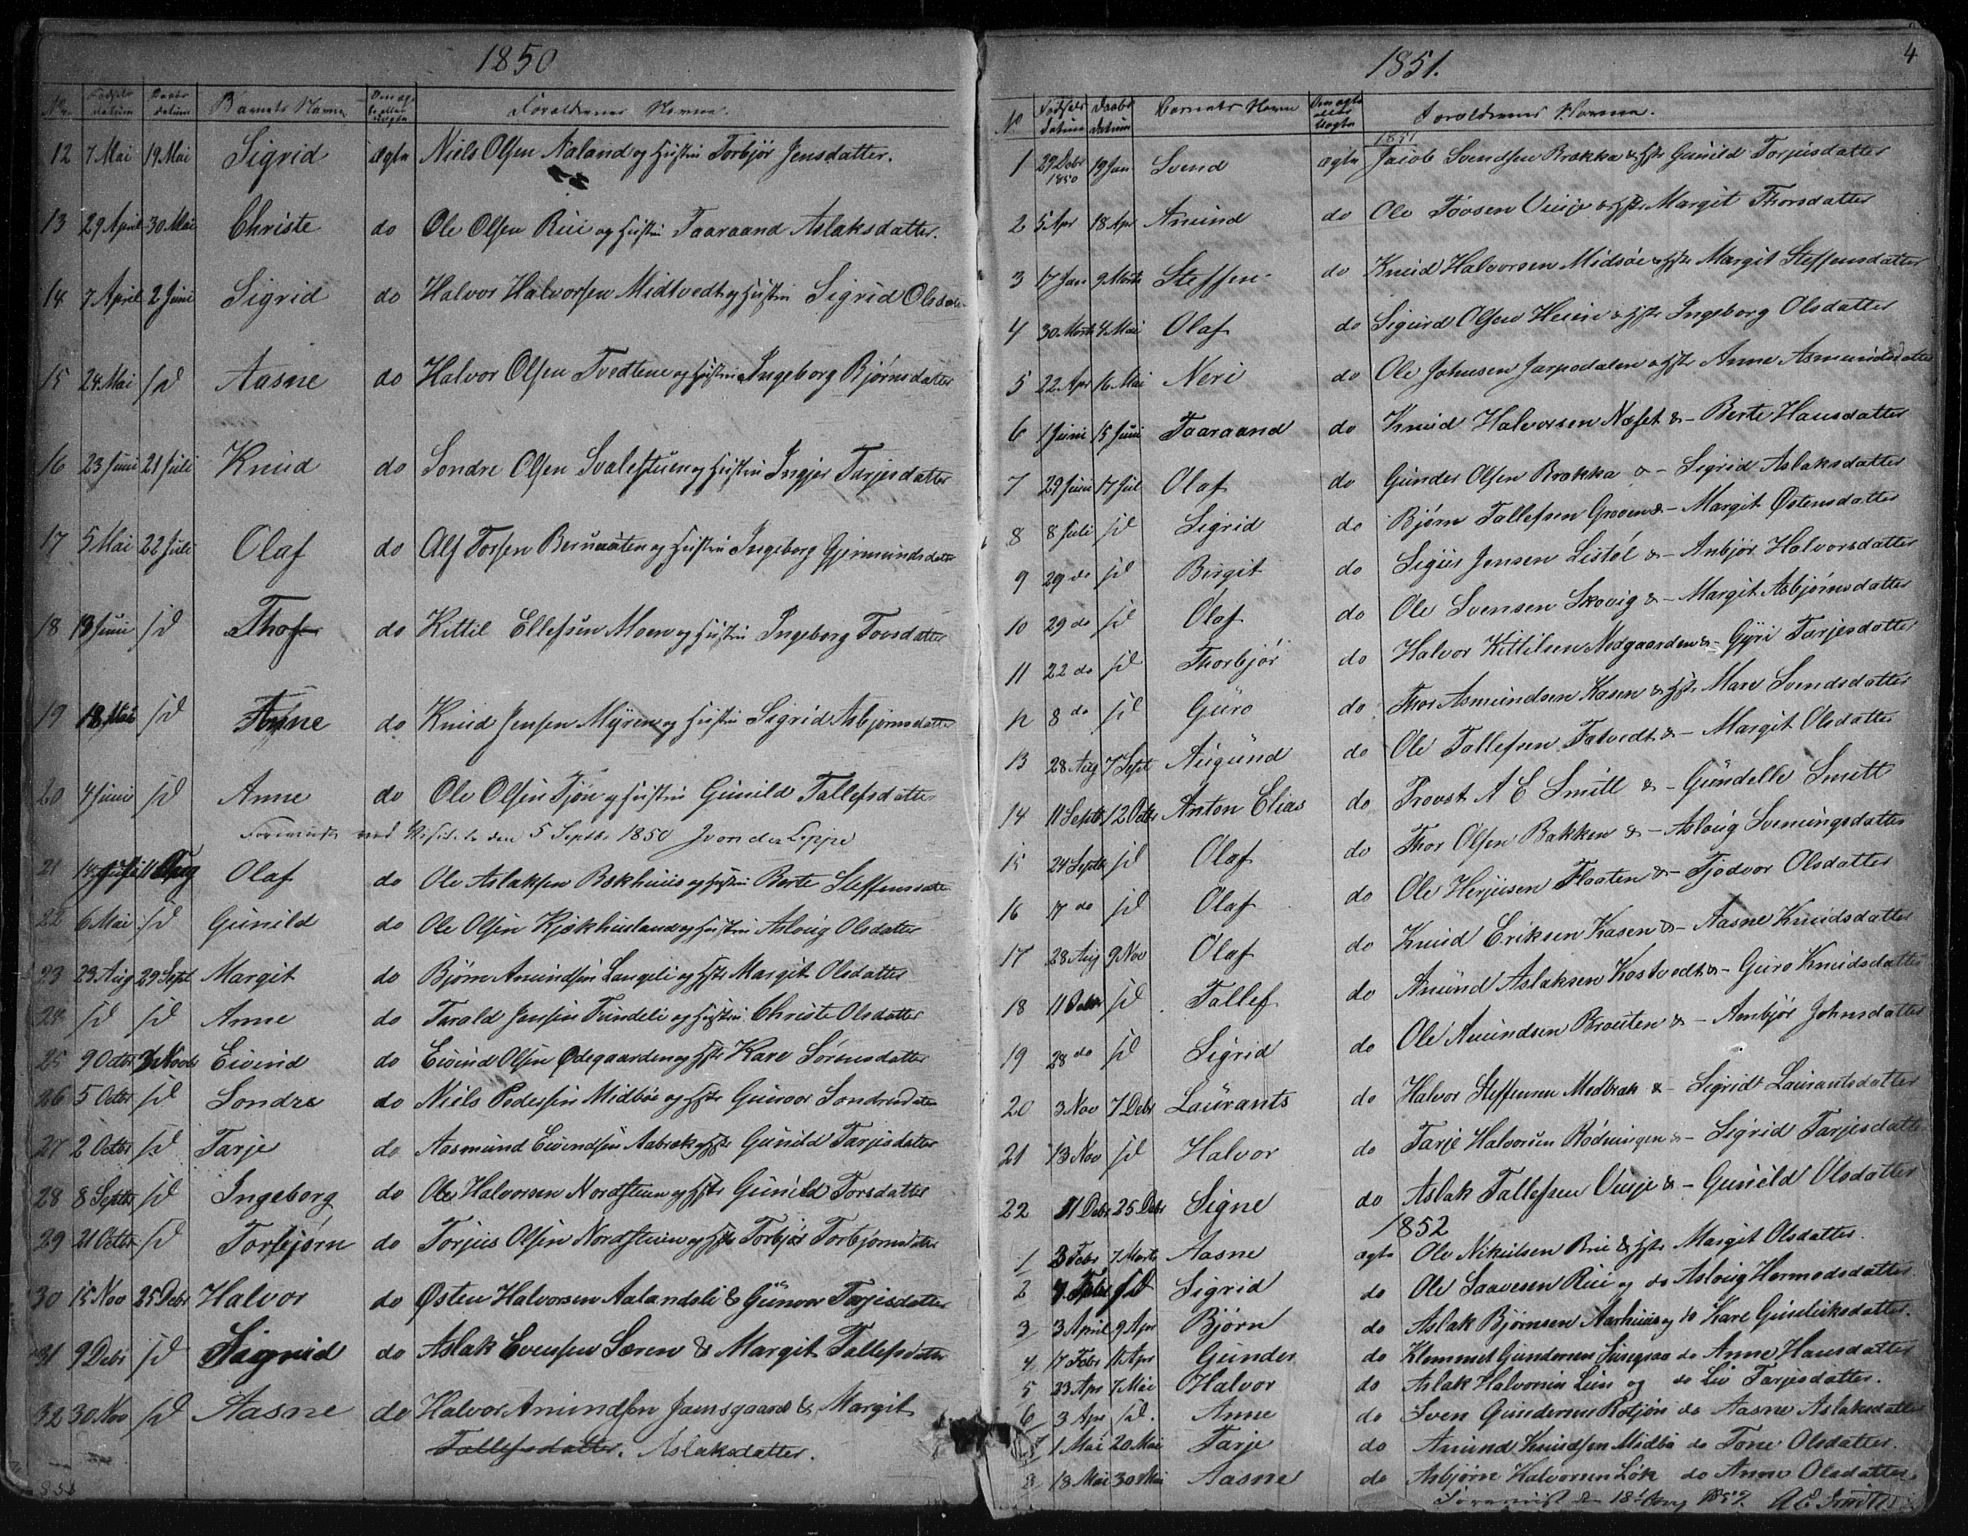 SAKO, Vinje kirkebøker, G/Ga/L0002: Klokkerbok nr. I 2, 1849-1893, s. 4